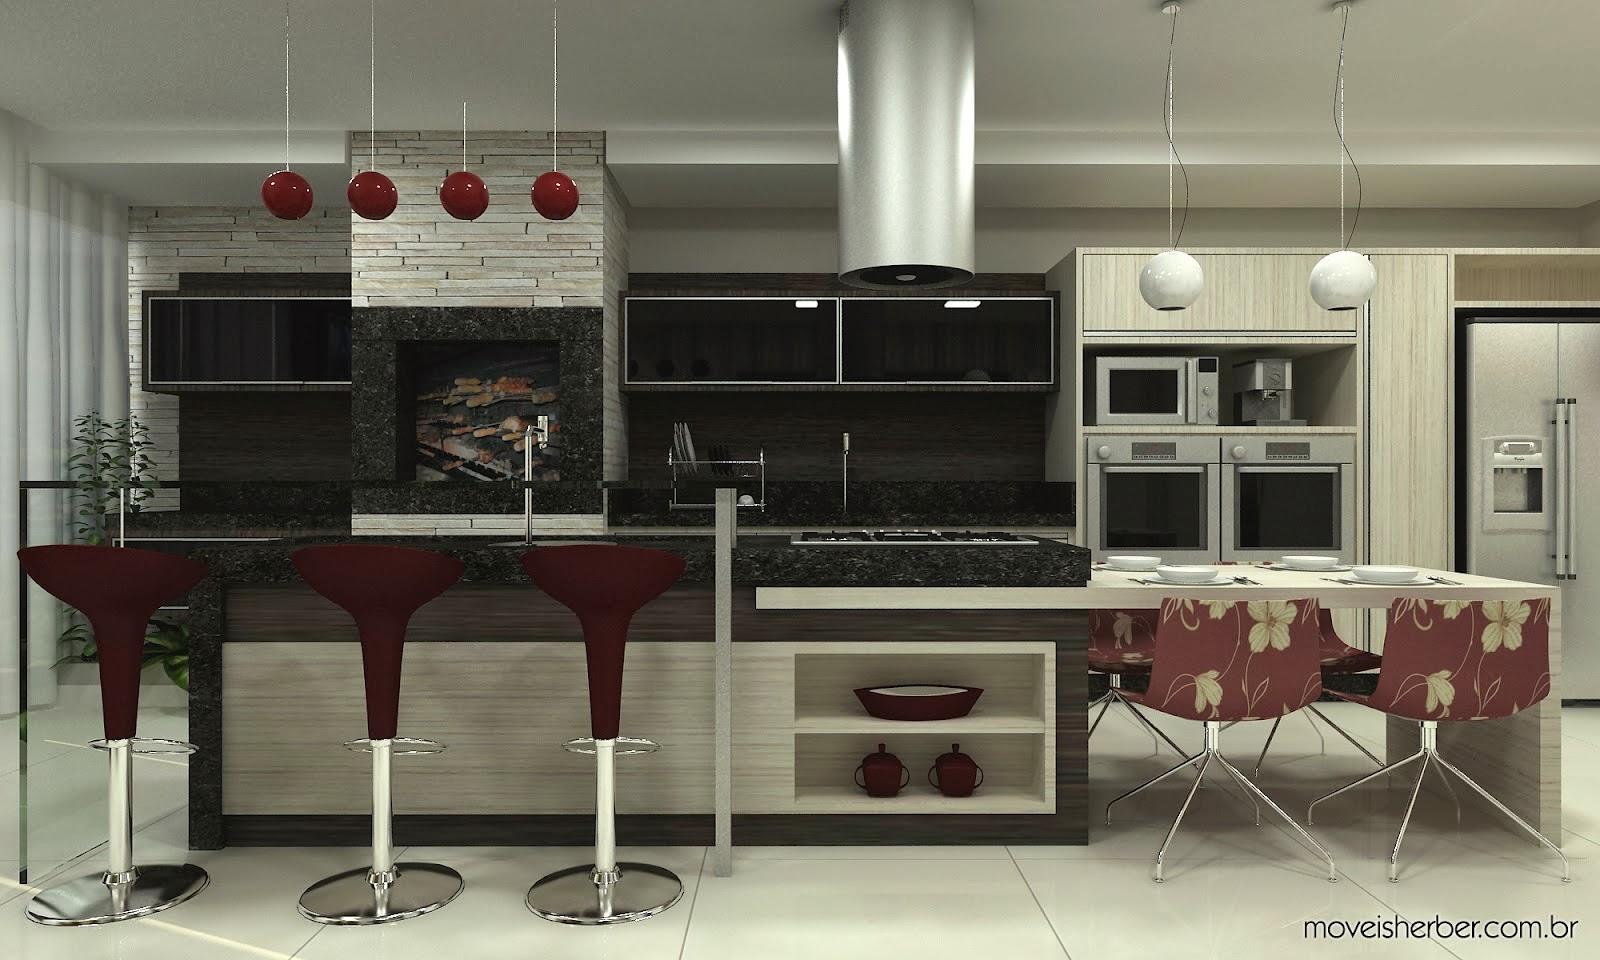 #604038 Balcao De Tijolo Vidro Cozinha Americana Com Balcao De Tijolo Vidro 1600x960 px Qual A Altura De Balcão Para Cozinha Americana #947 imagens